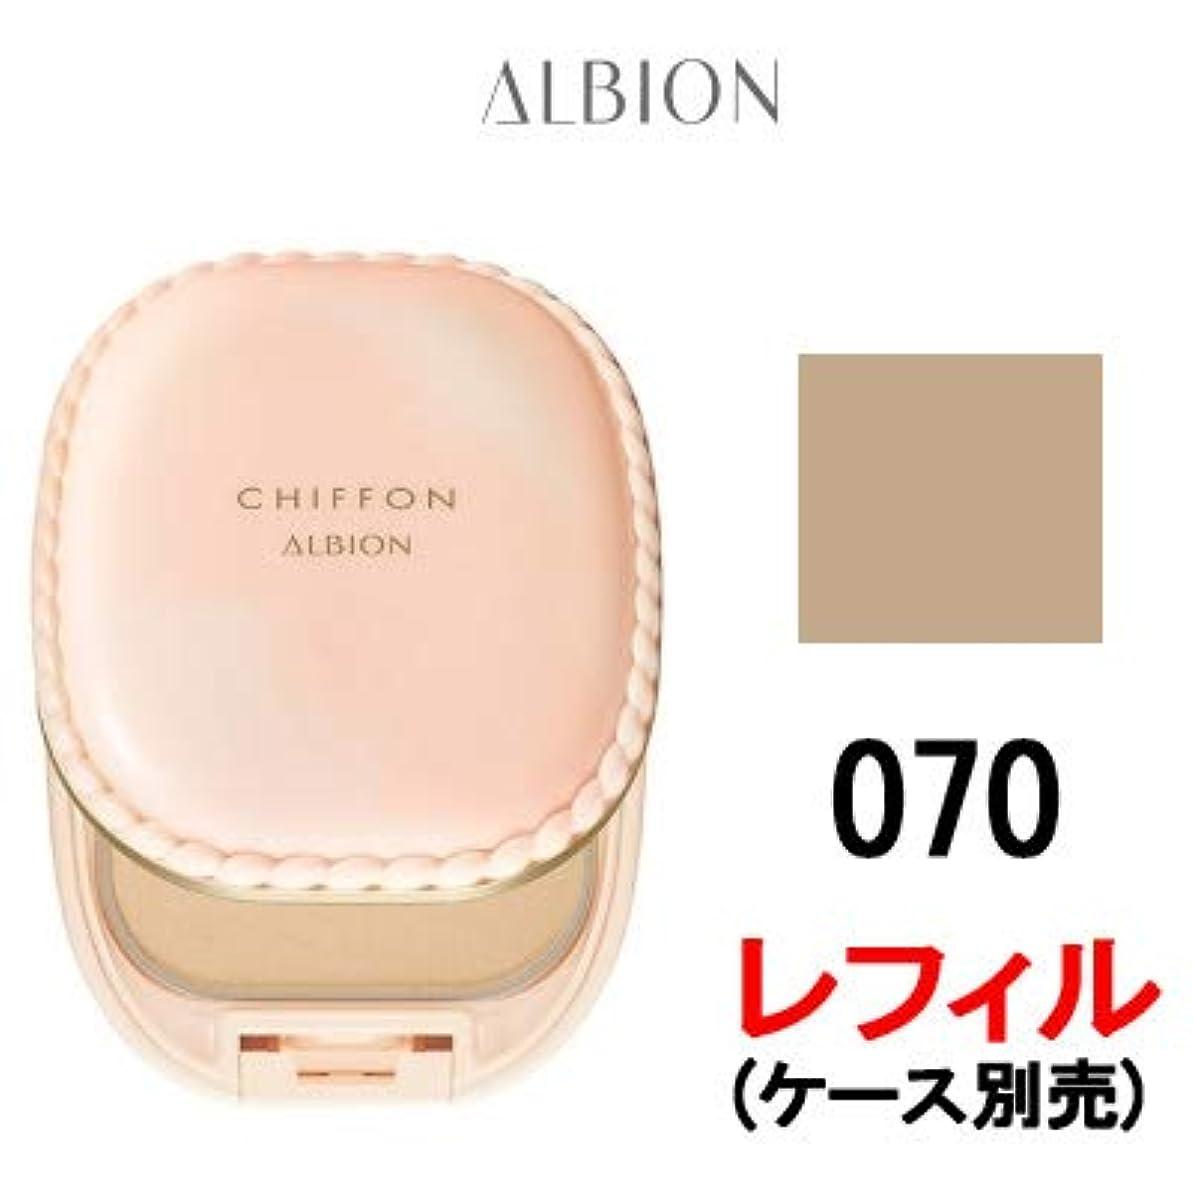 シールド秘密の筋肉のアルビオン スウィート モイスチュア シフォン (070) レフィル/ケース 別SPF22・PA++ 10g